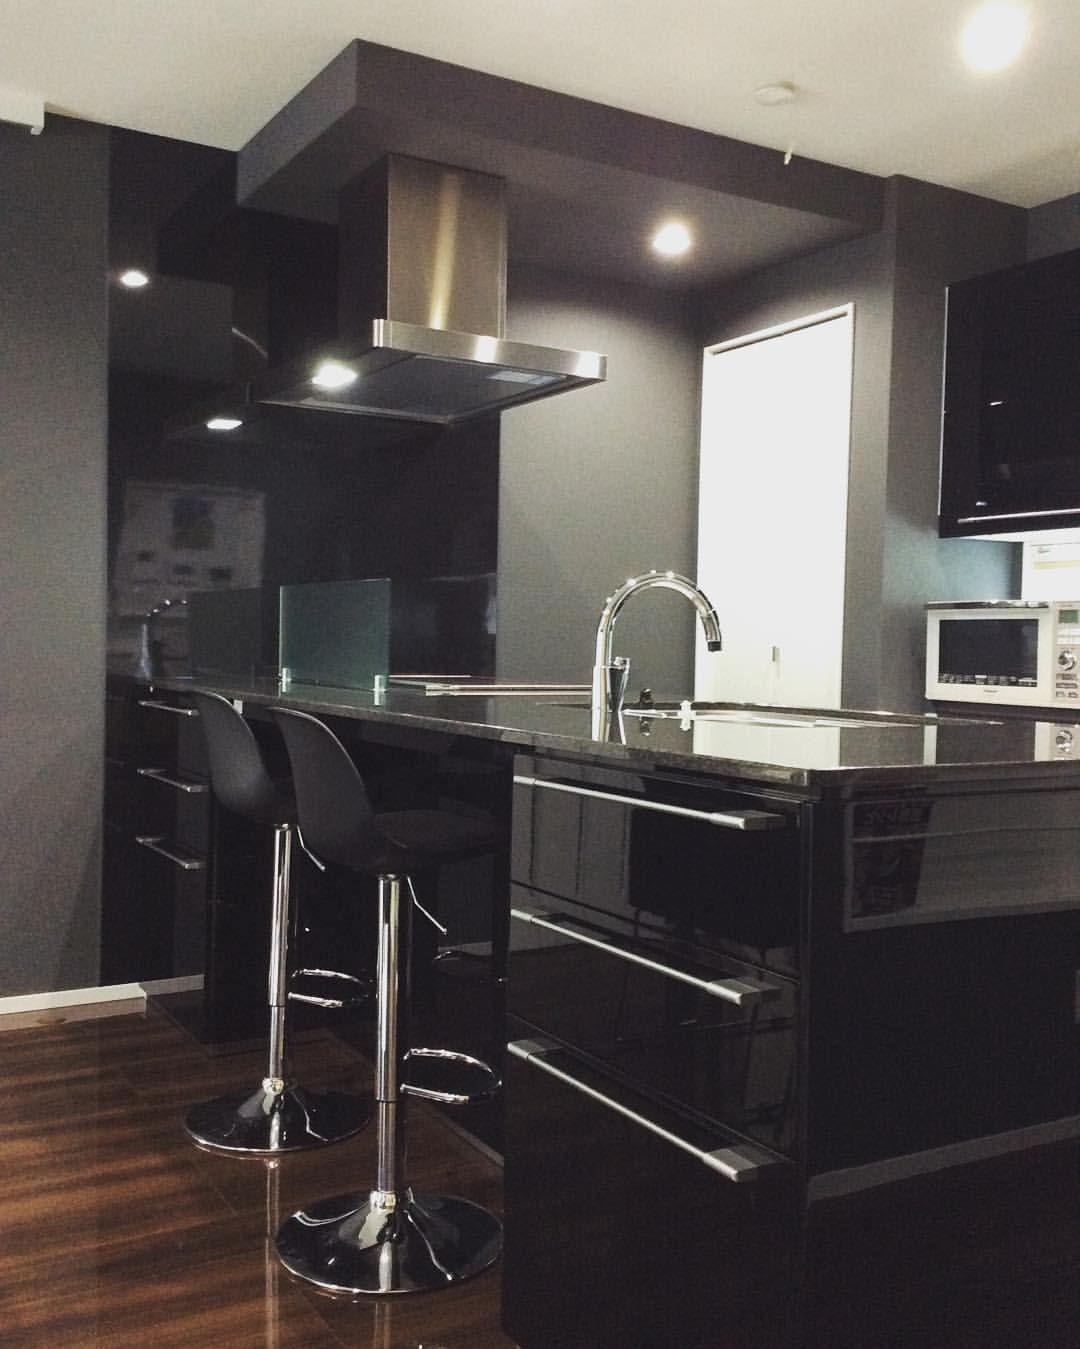 黒 黒 黒の三拍子っ 黒いキッチン 黒いキッチンボード 黒い御影石